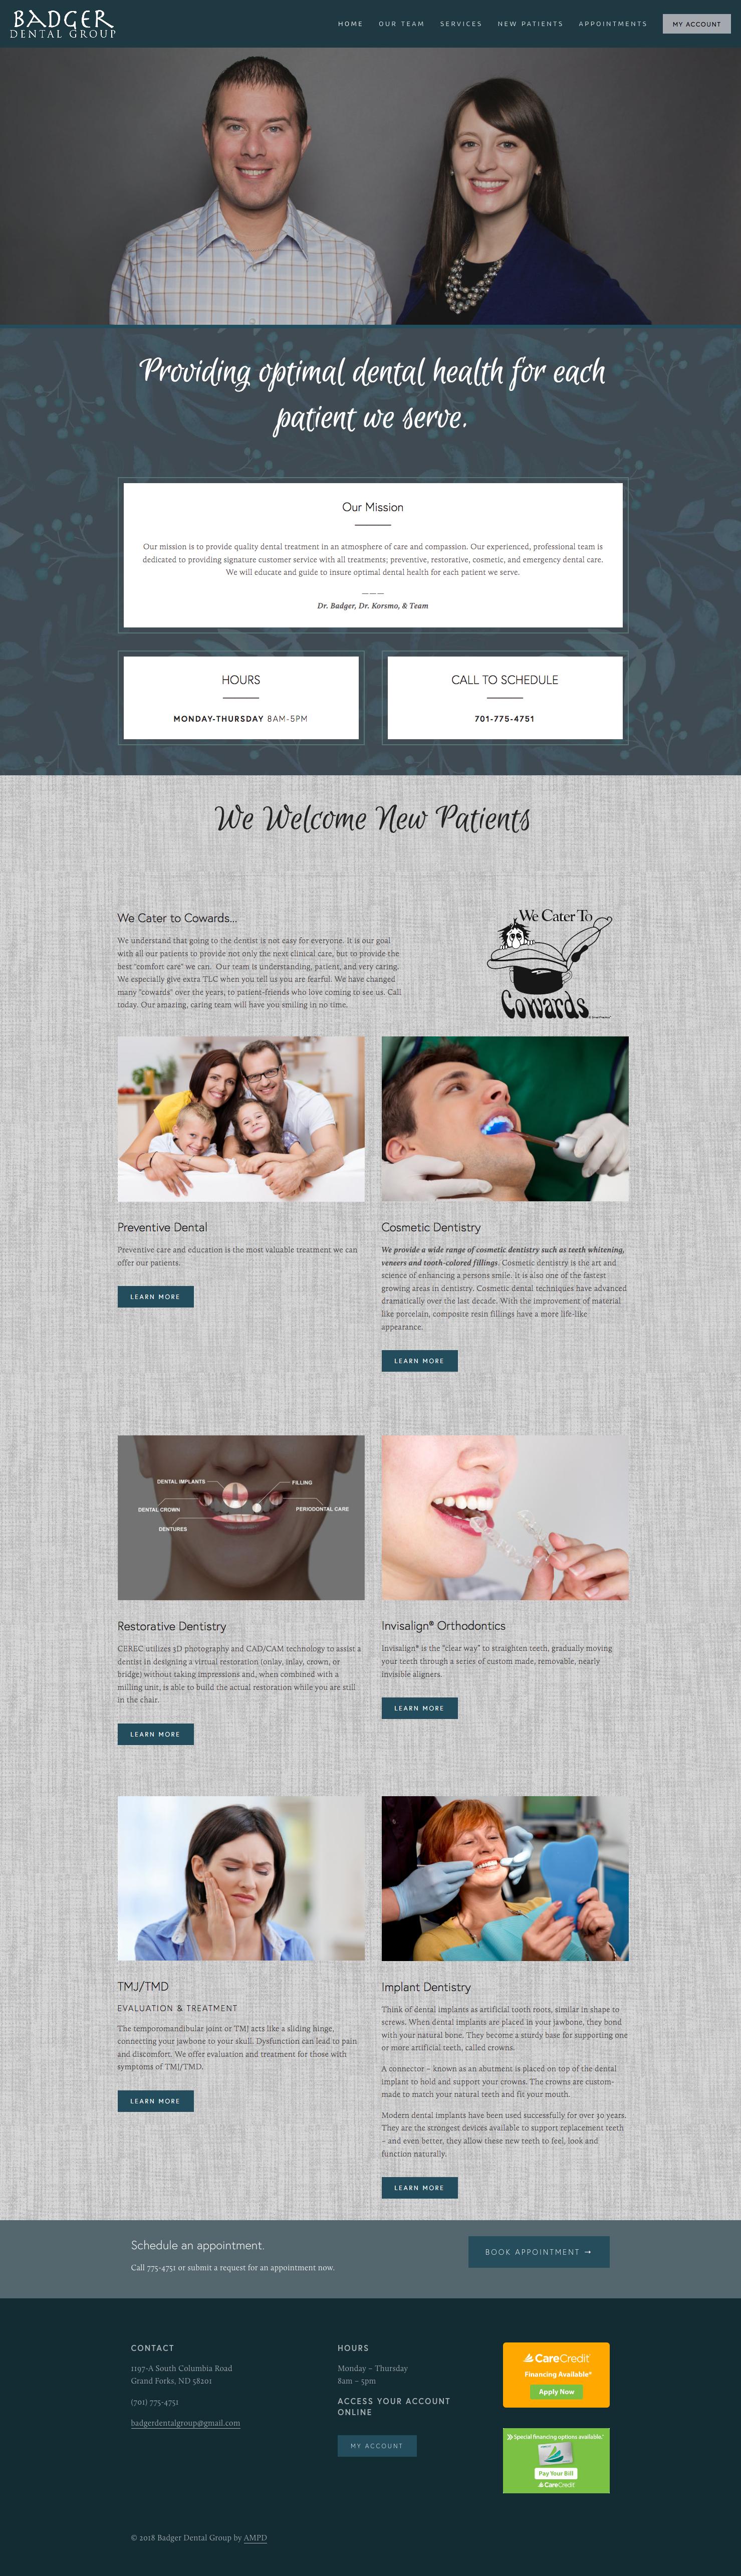 FireShot Capture 117 - Dentist in Grand Forks, ND - Badger Dental Group - badgerdentalgroup.com.png